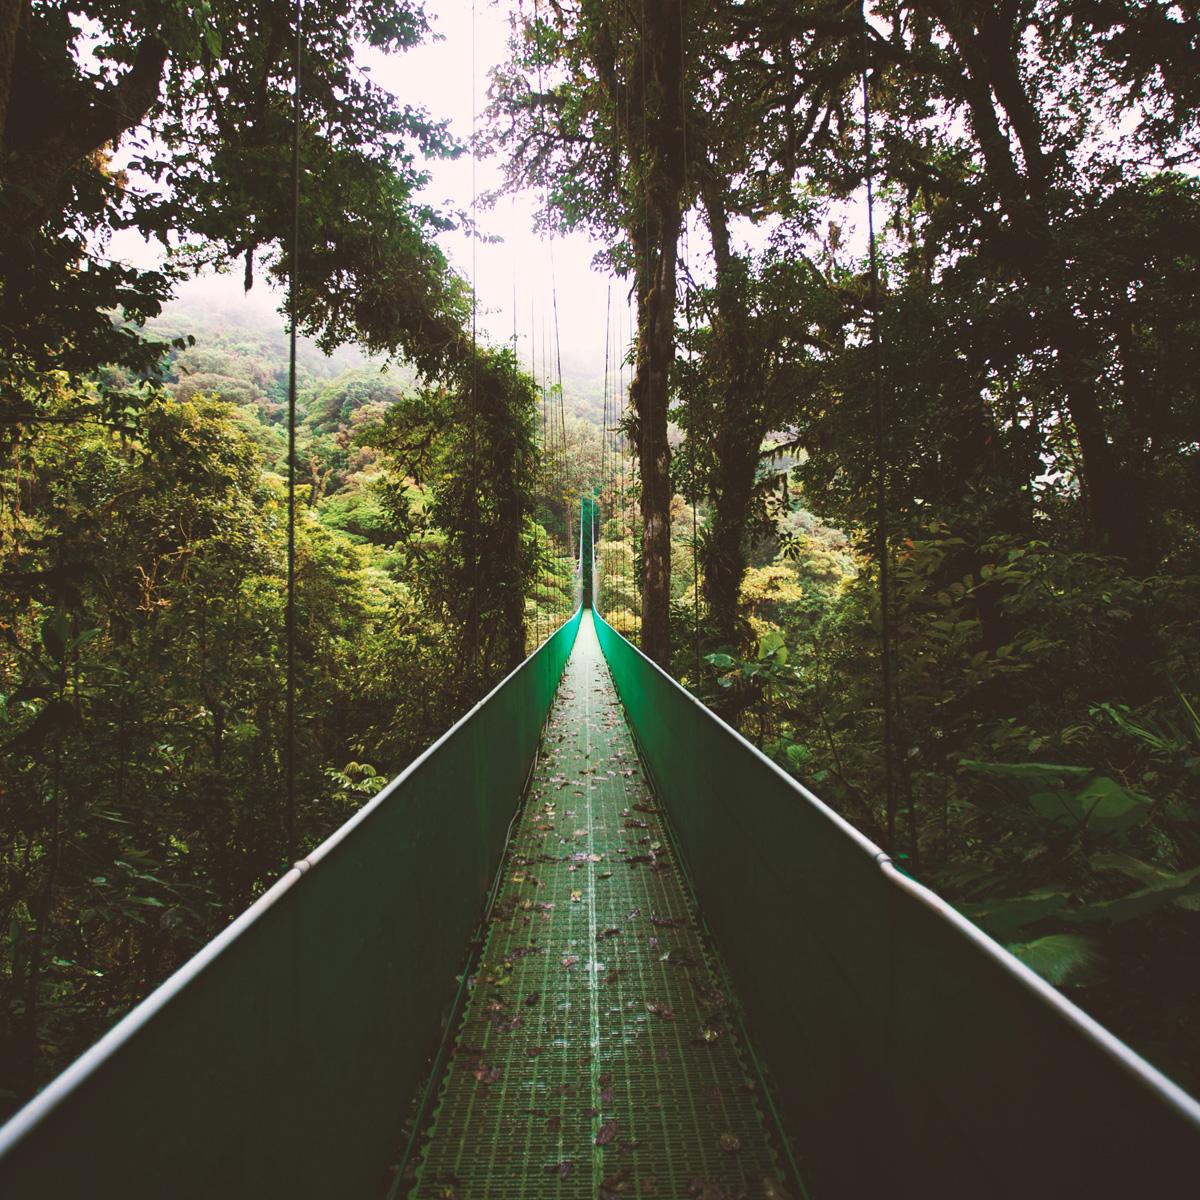 Costa Rica © Ben Ostrower | unsplash